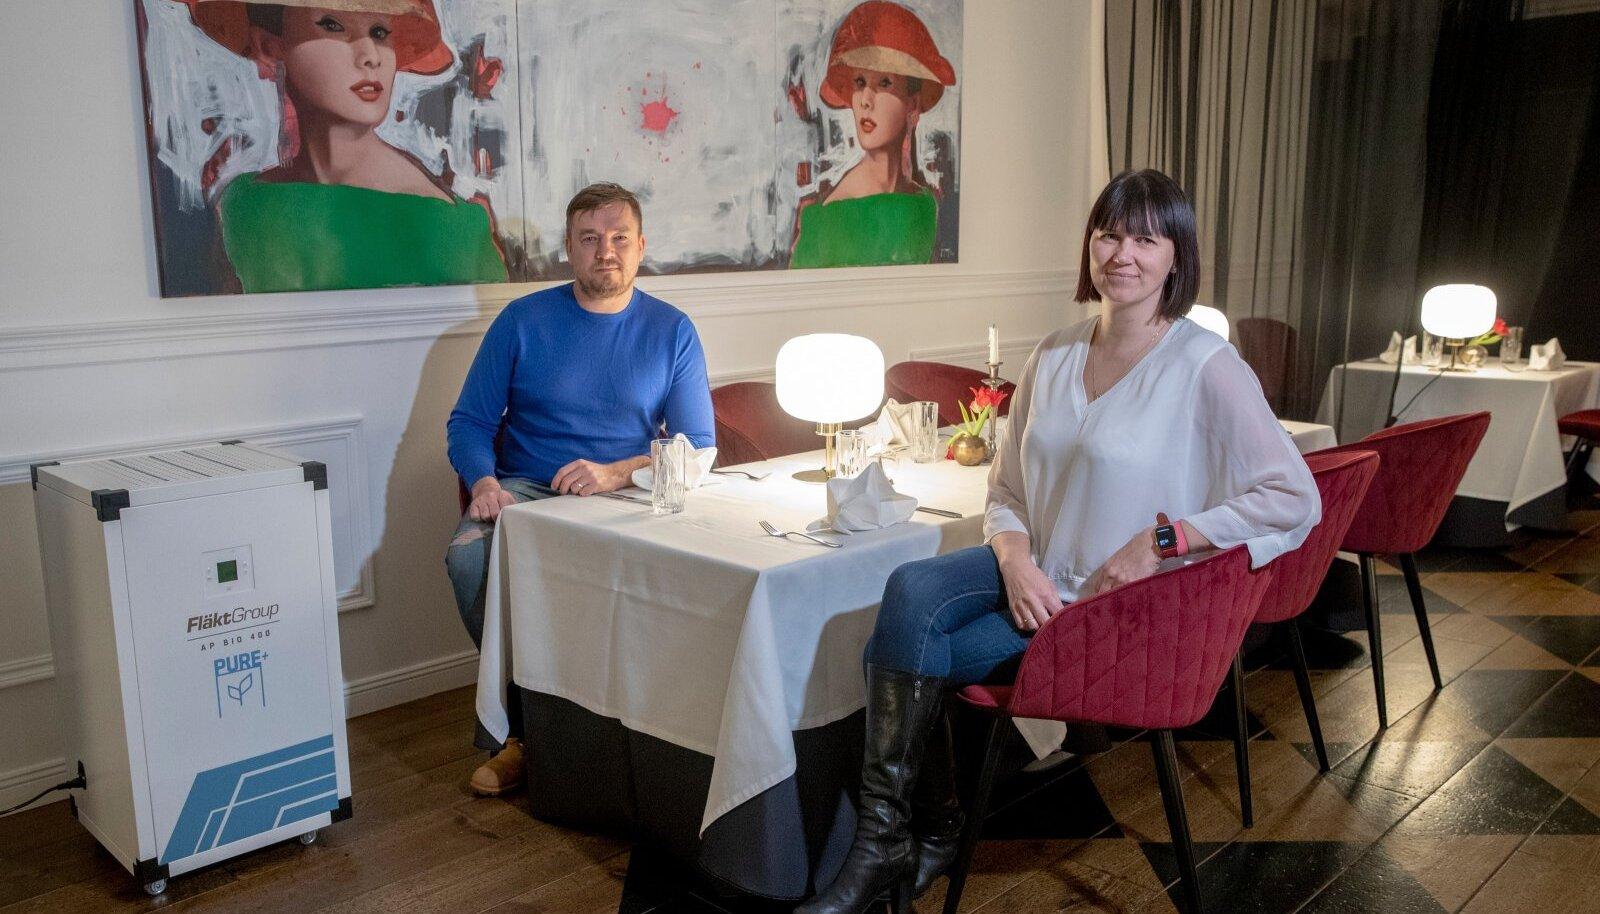 Uudne õhupuhasti, mida toob maale Tanel Gehrke (vasakul) ettevõte on Kati Plaamusele (paremal) kuuluvas restoranis Brasserie 11 kasutusel alates 15. jaanuarist.